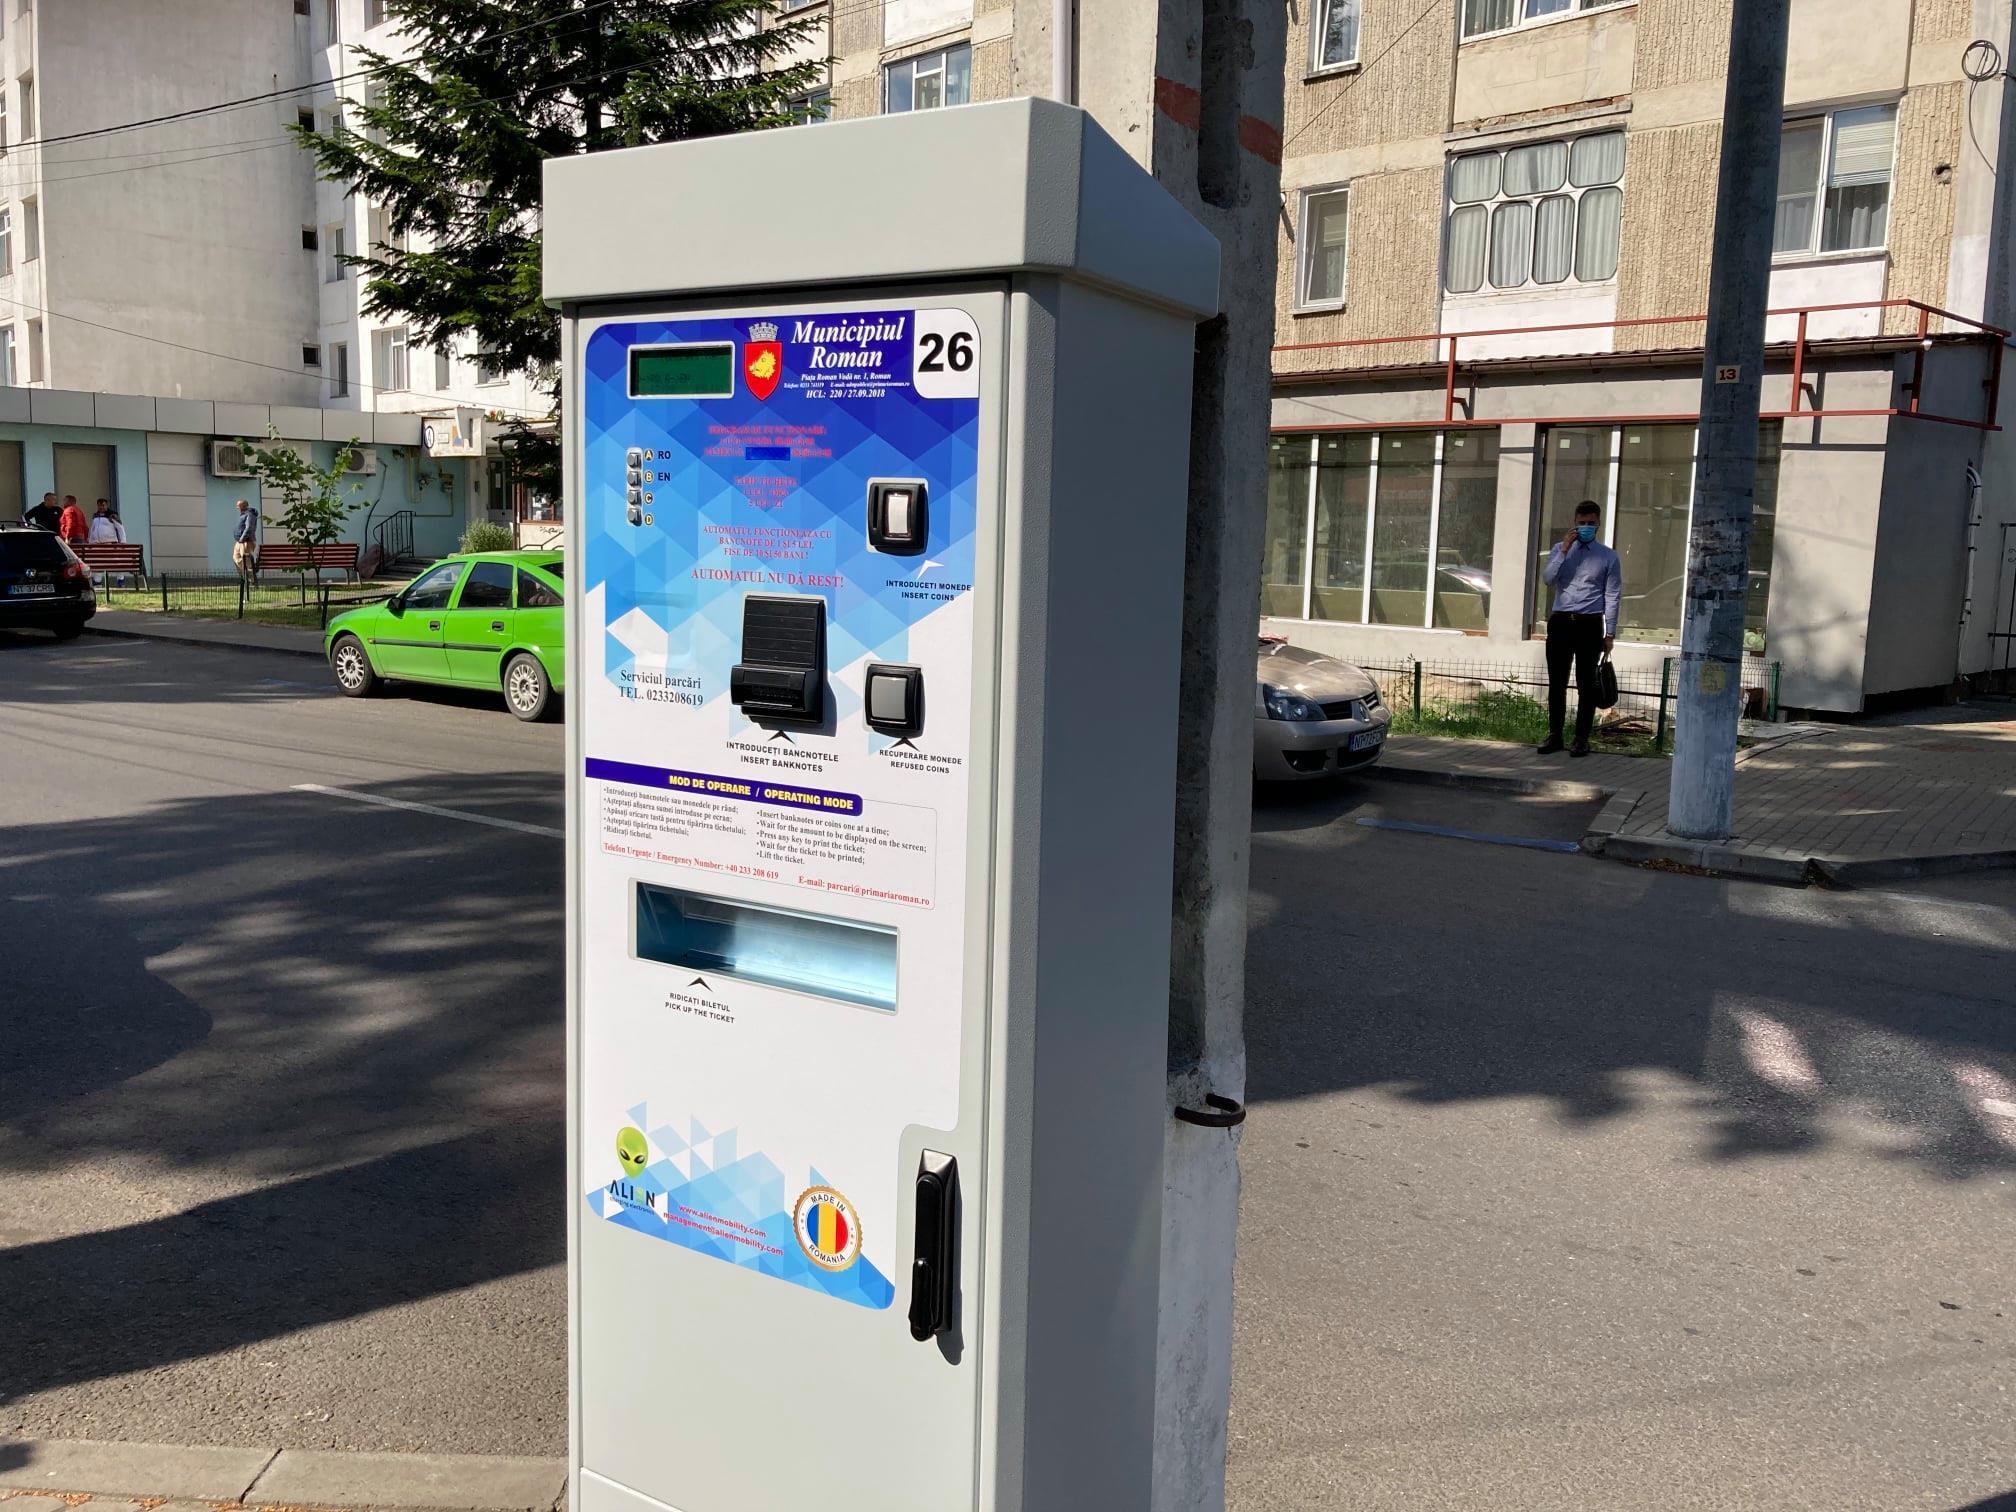 Cinci parcometre noi pentru plata parcărilor publice